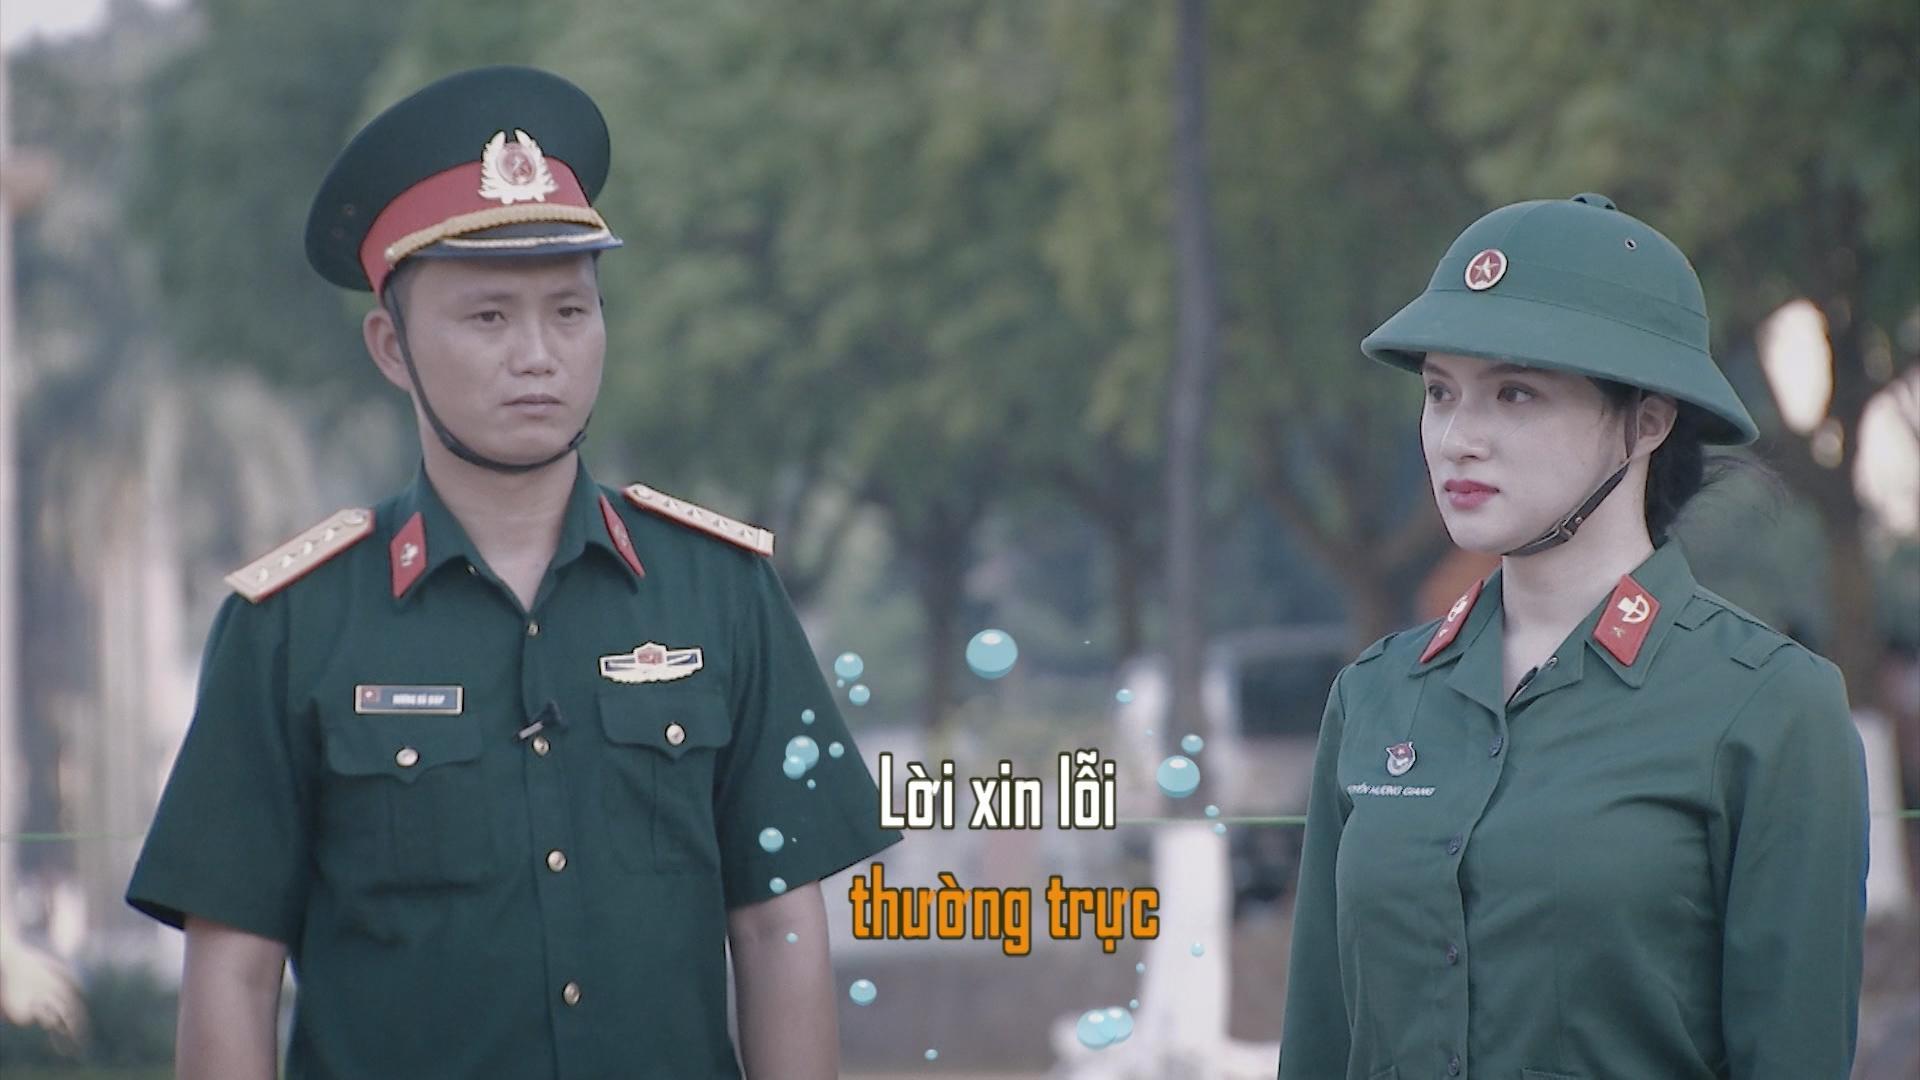 Hương Giang Idol bị chấn chỉnh vì nói năng điệu đà trong quân ngũ-6